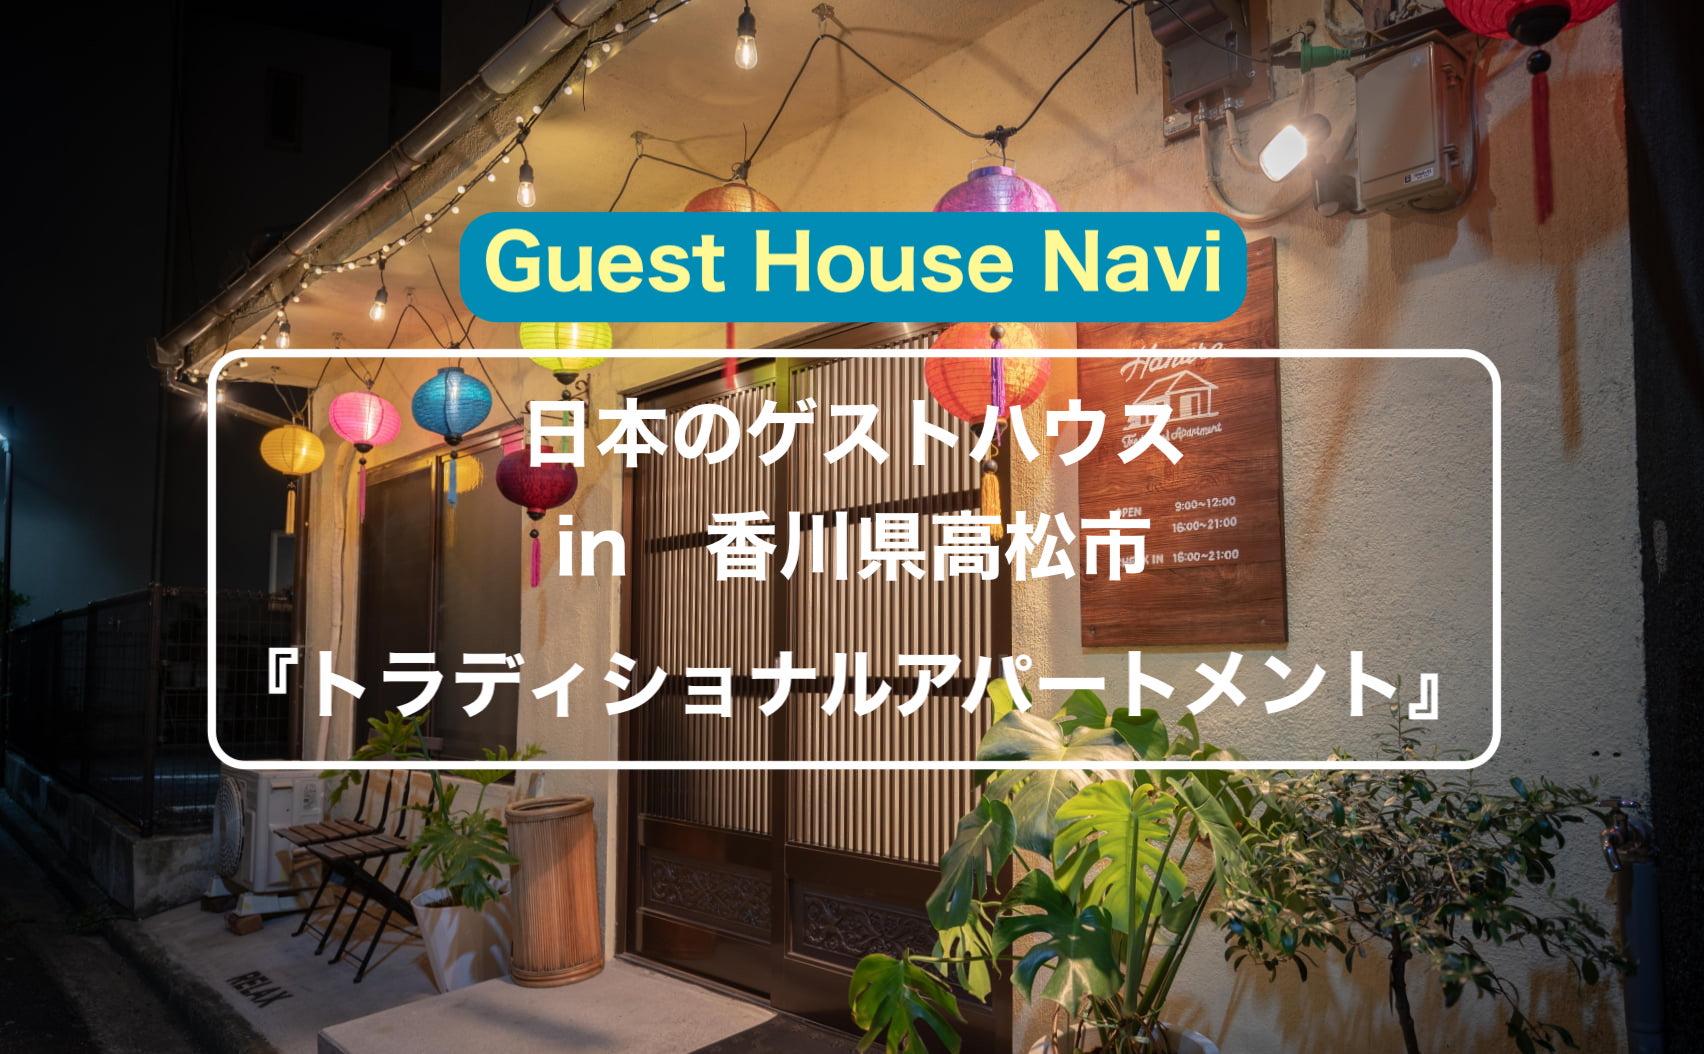 【高松市のゲストハウス】トラディショナルアパートメント(Traditional Apartment))をご紹介します。